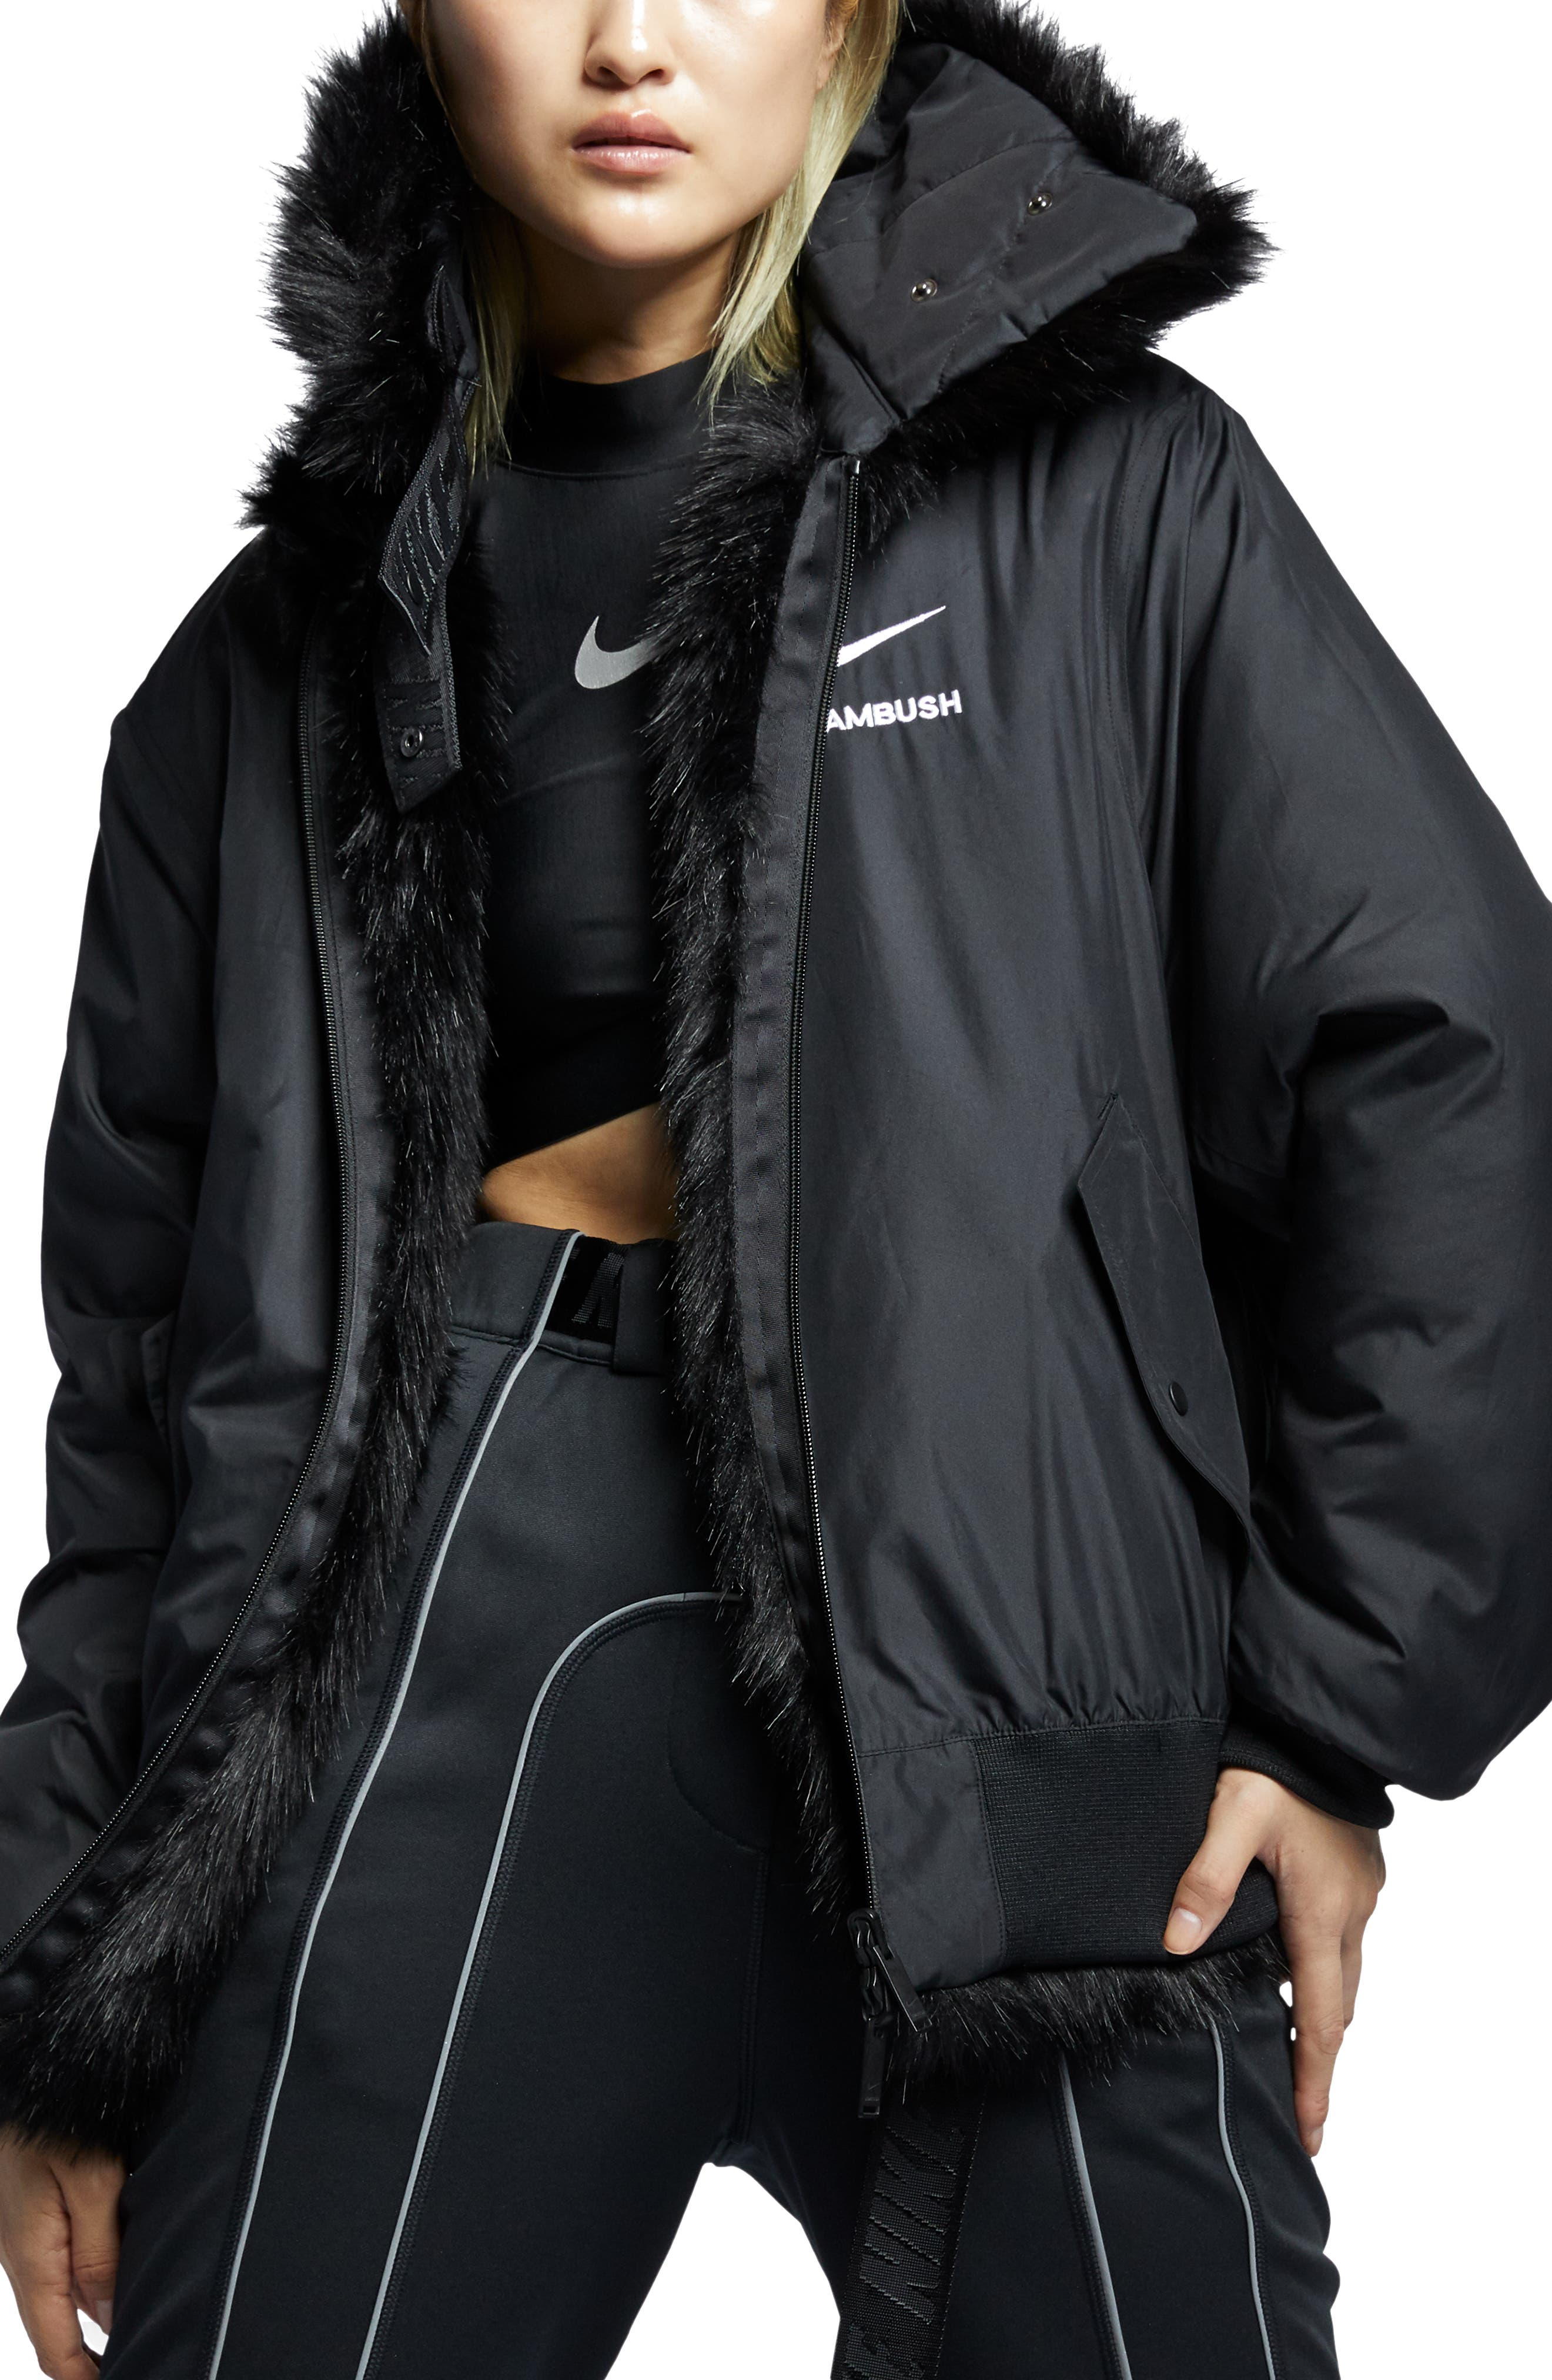 NIKE,                             x Ambush Women's Reversible Faux Fur Coat,                             Alternate thumbnail 2, color,                             010